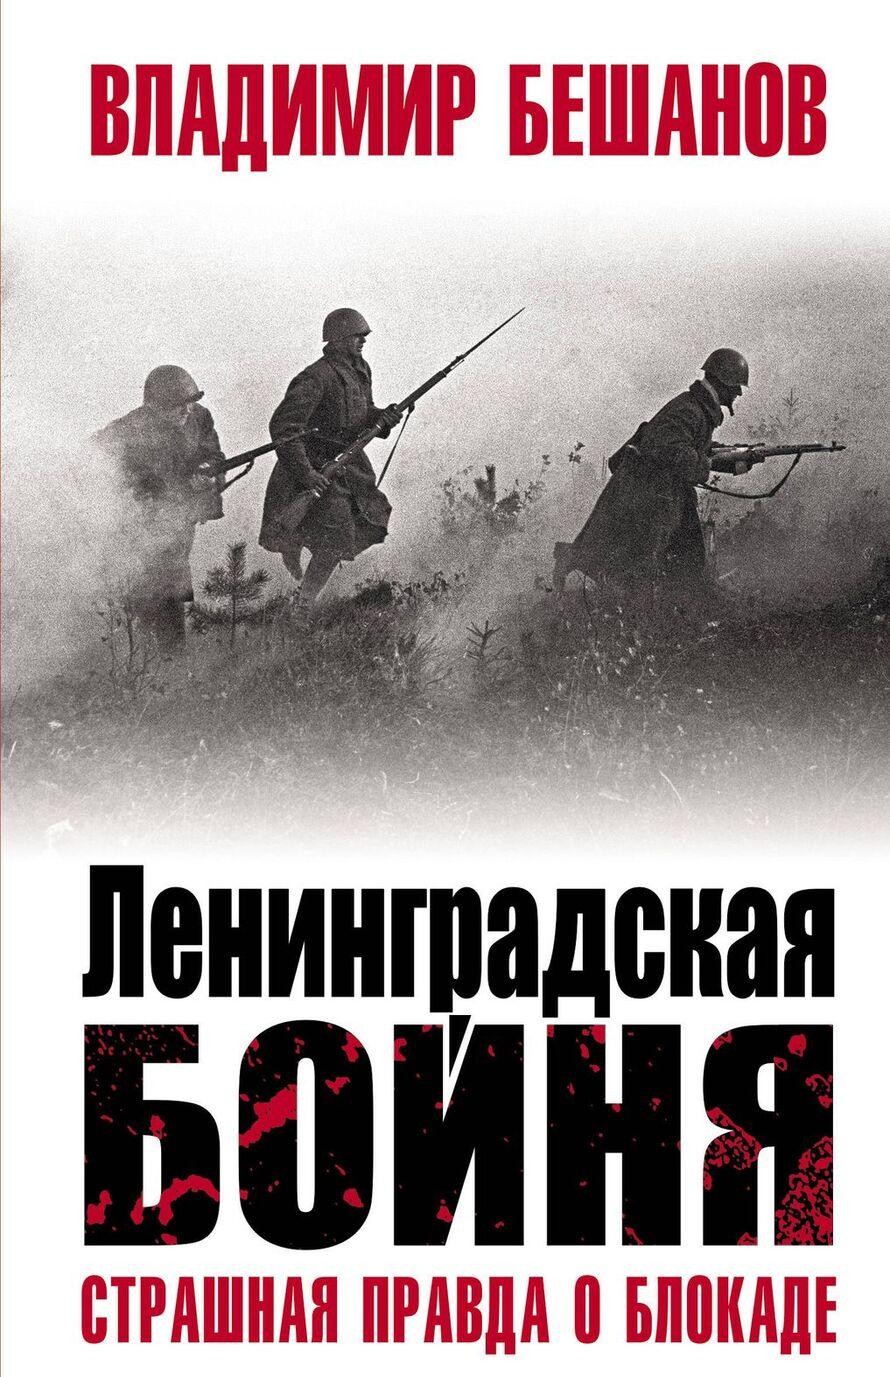 Leningradskaja bojnja